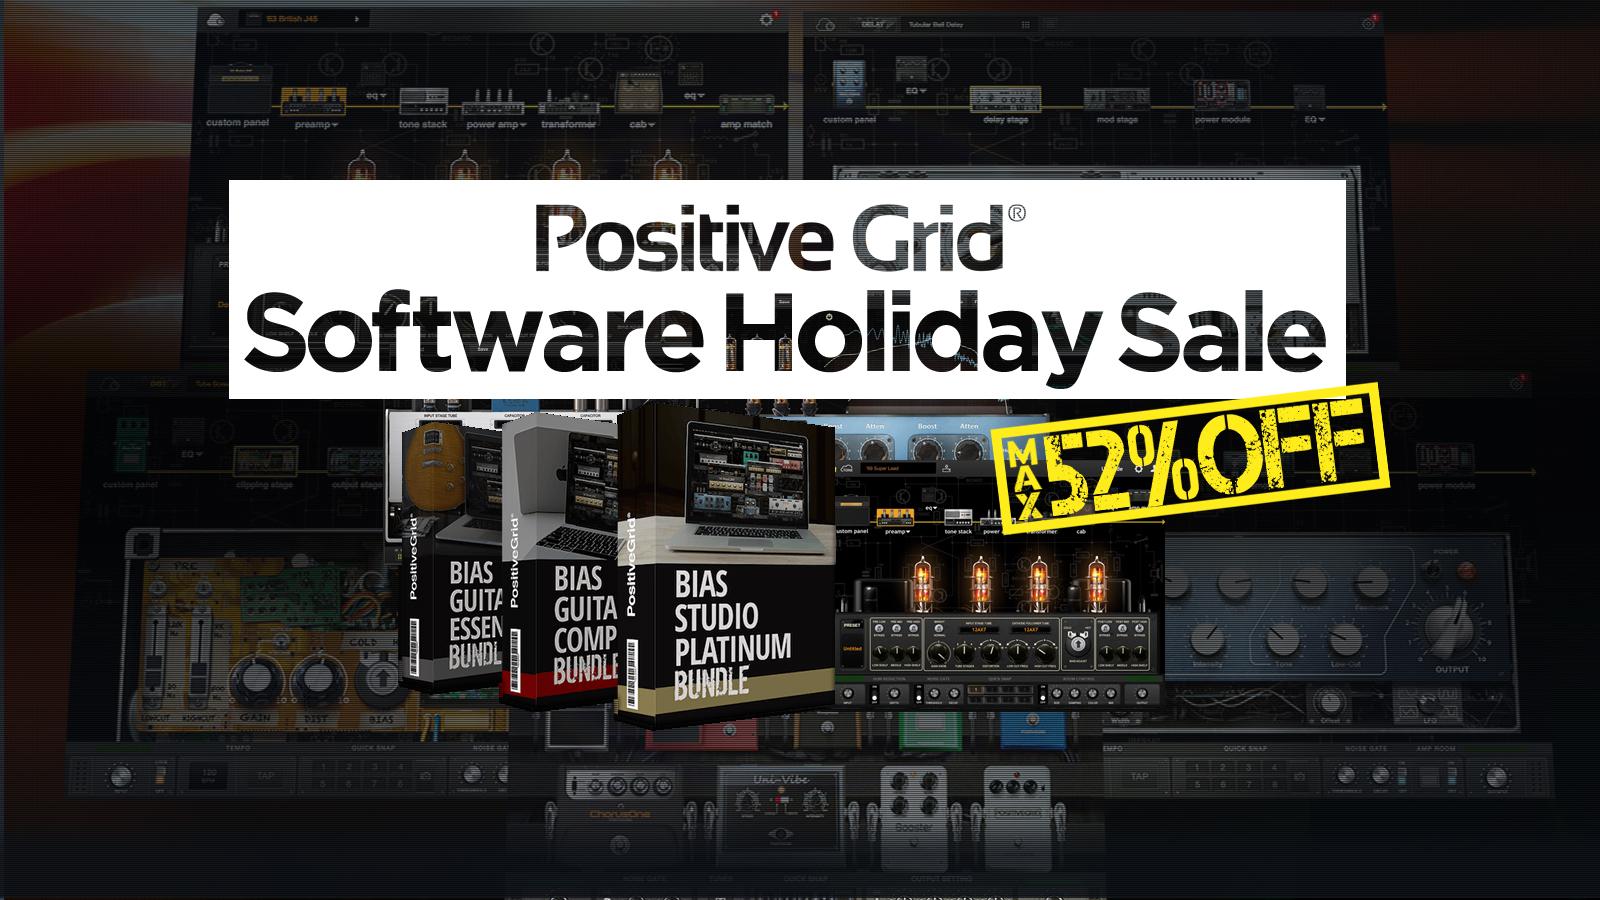 最大52%オフ!Positive Grid ソフトウェア Holiday Sale